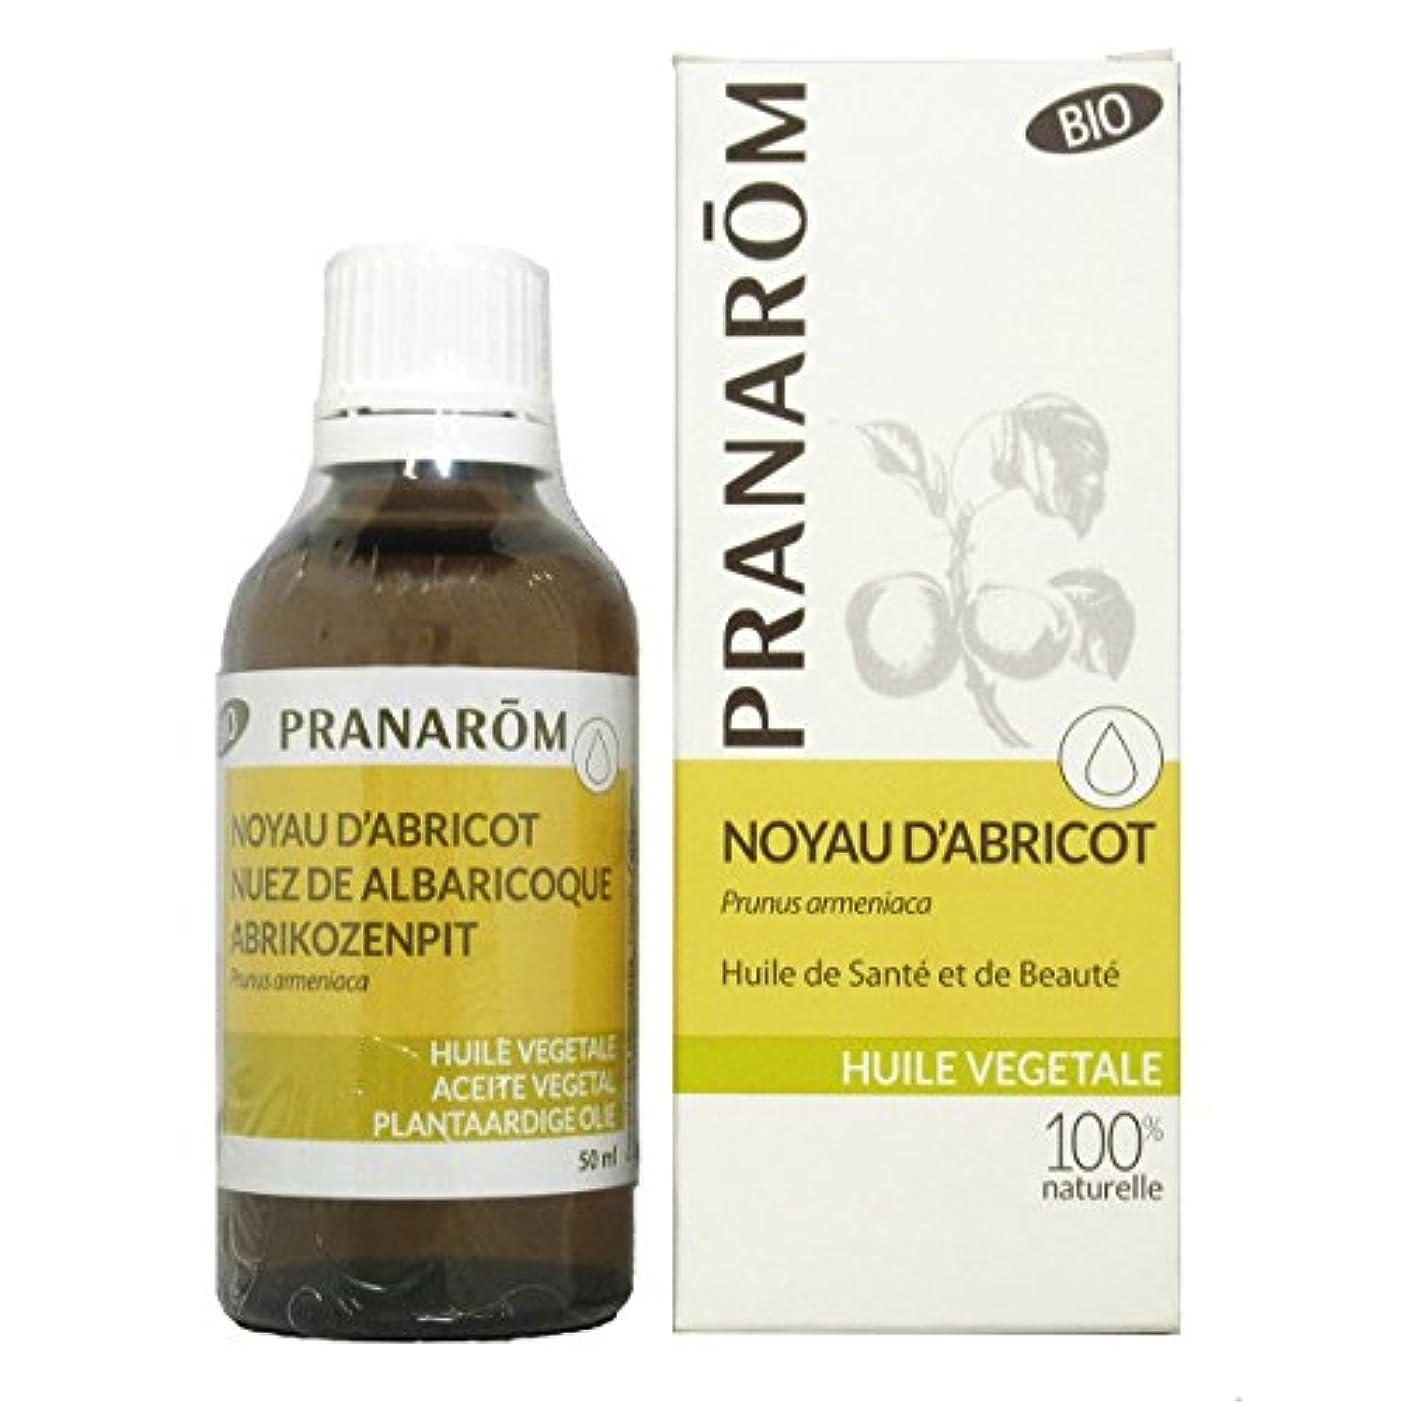 グローブ始まり怒りプラナロム アプリコットオイル 50ml (PRANAROM 植物油)